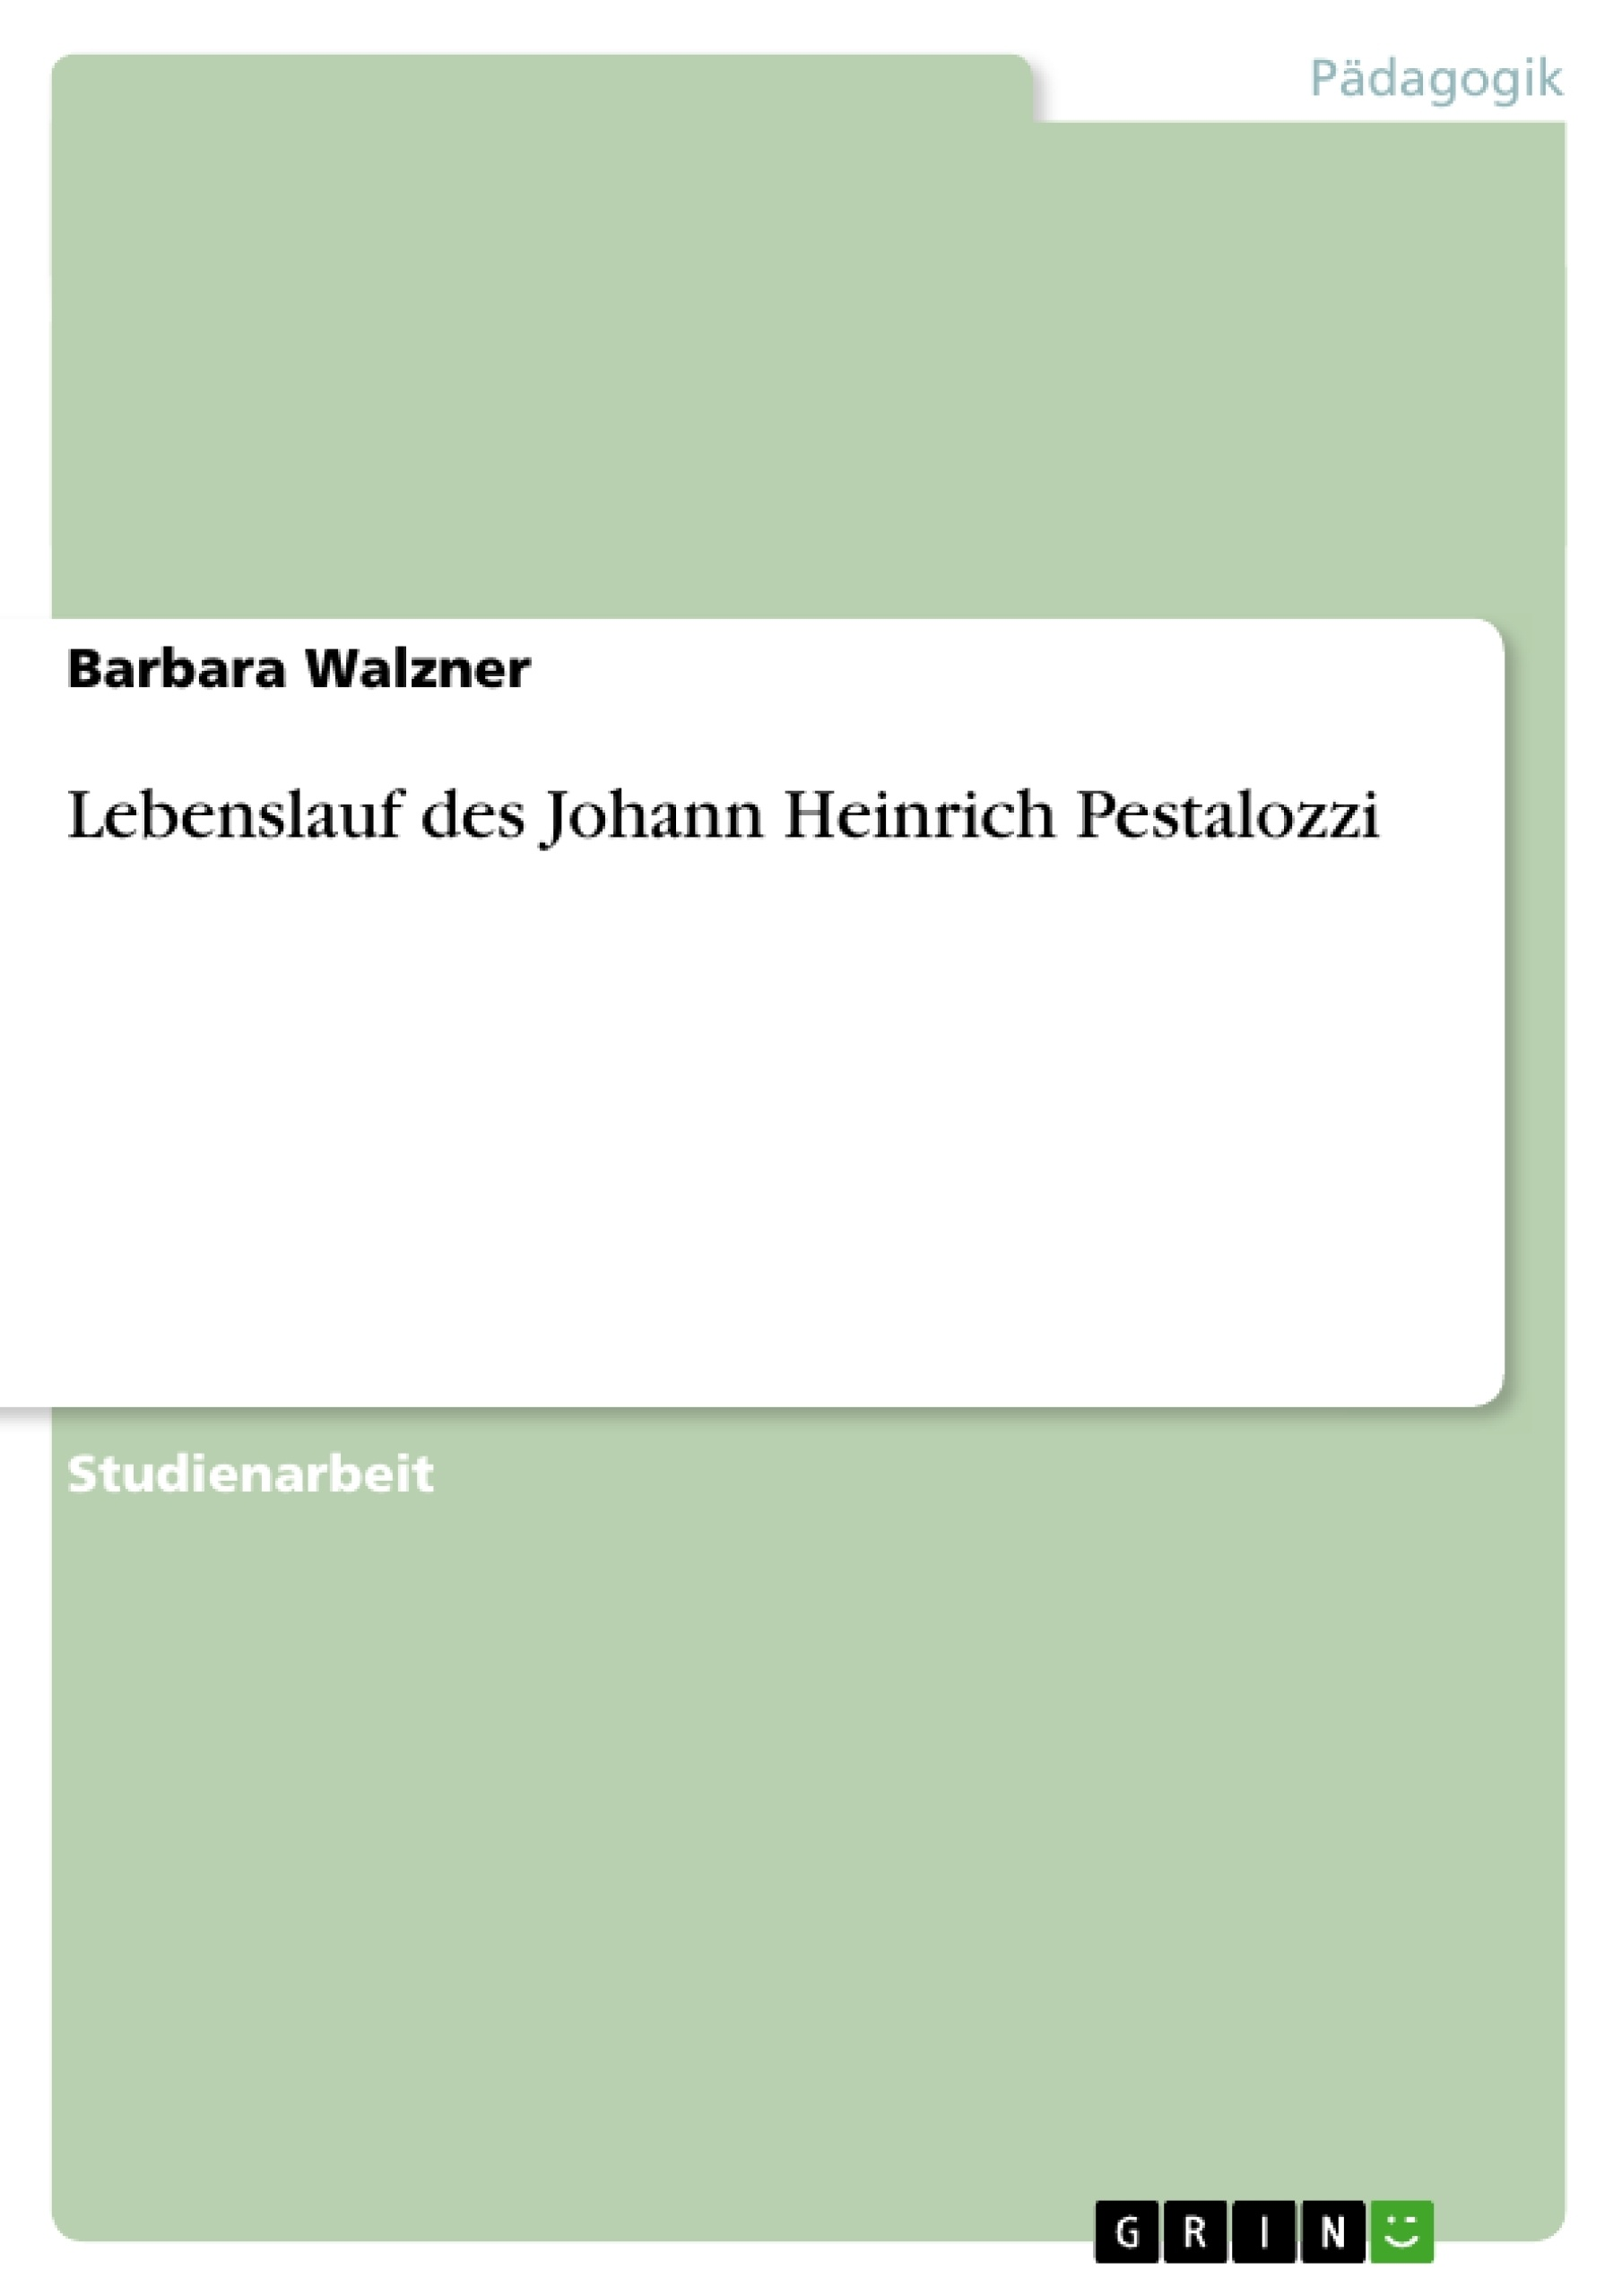 Lebenslauf des Johann Heinrich Pestalozzi | Masterarbeit, Hausarbeit ...